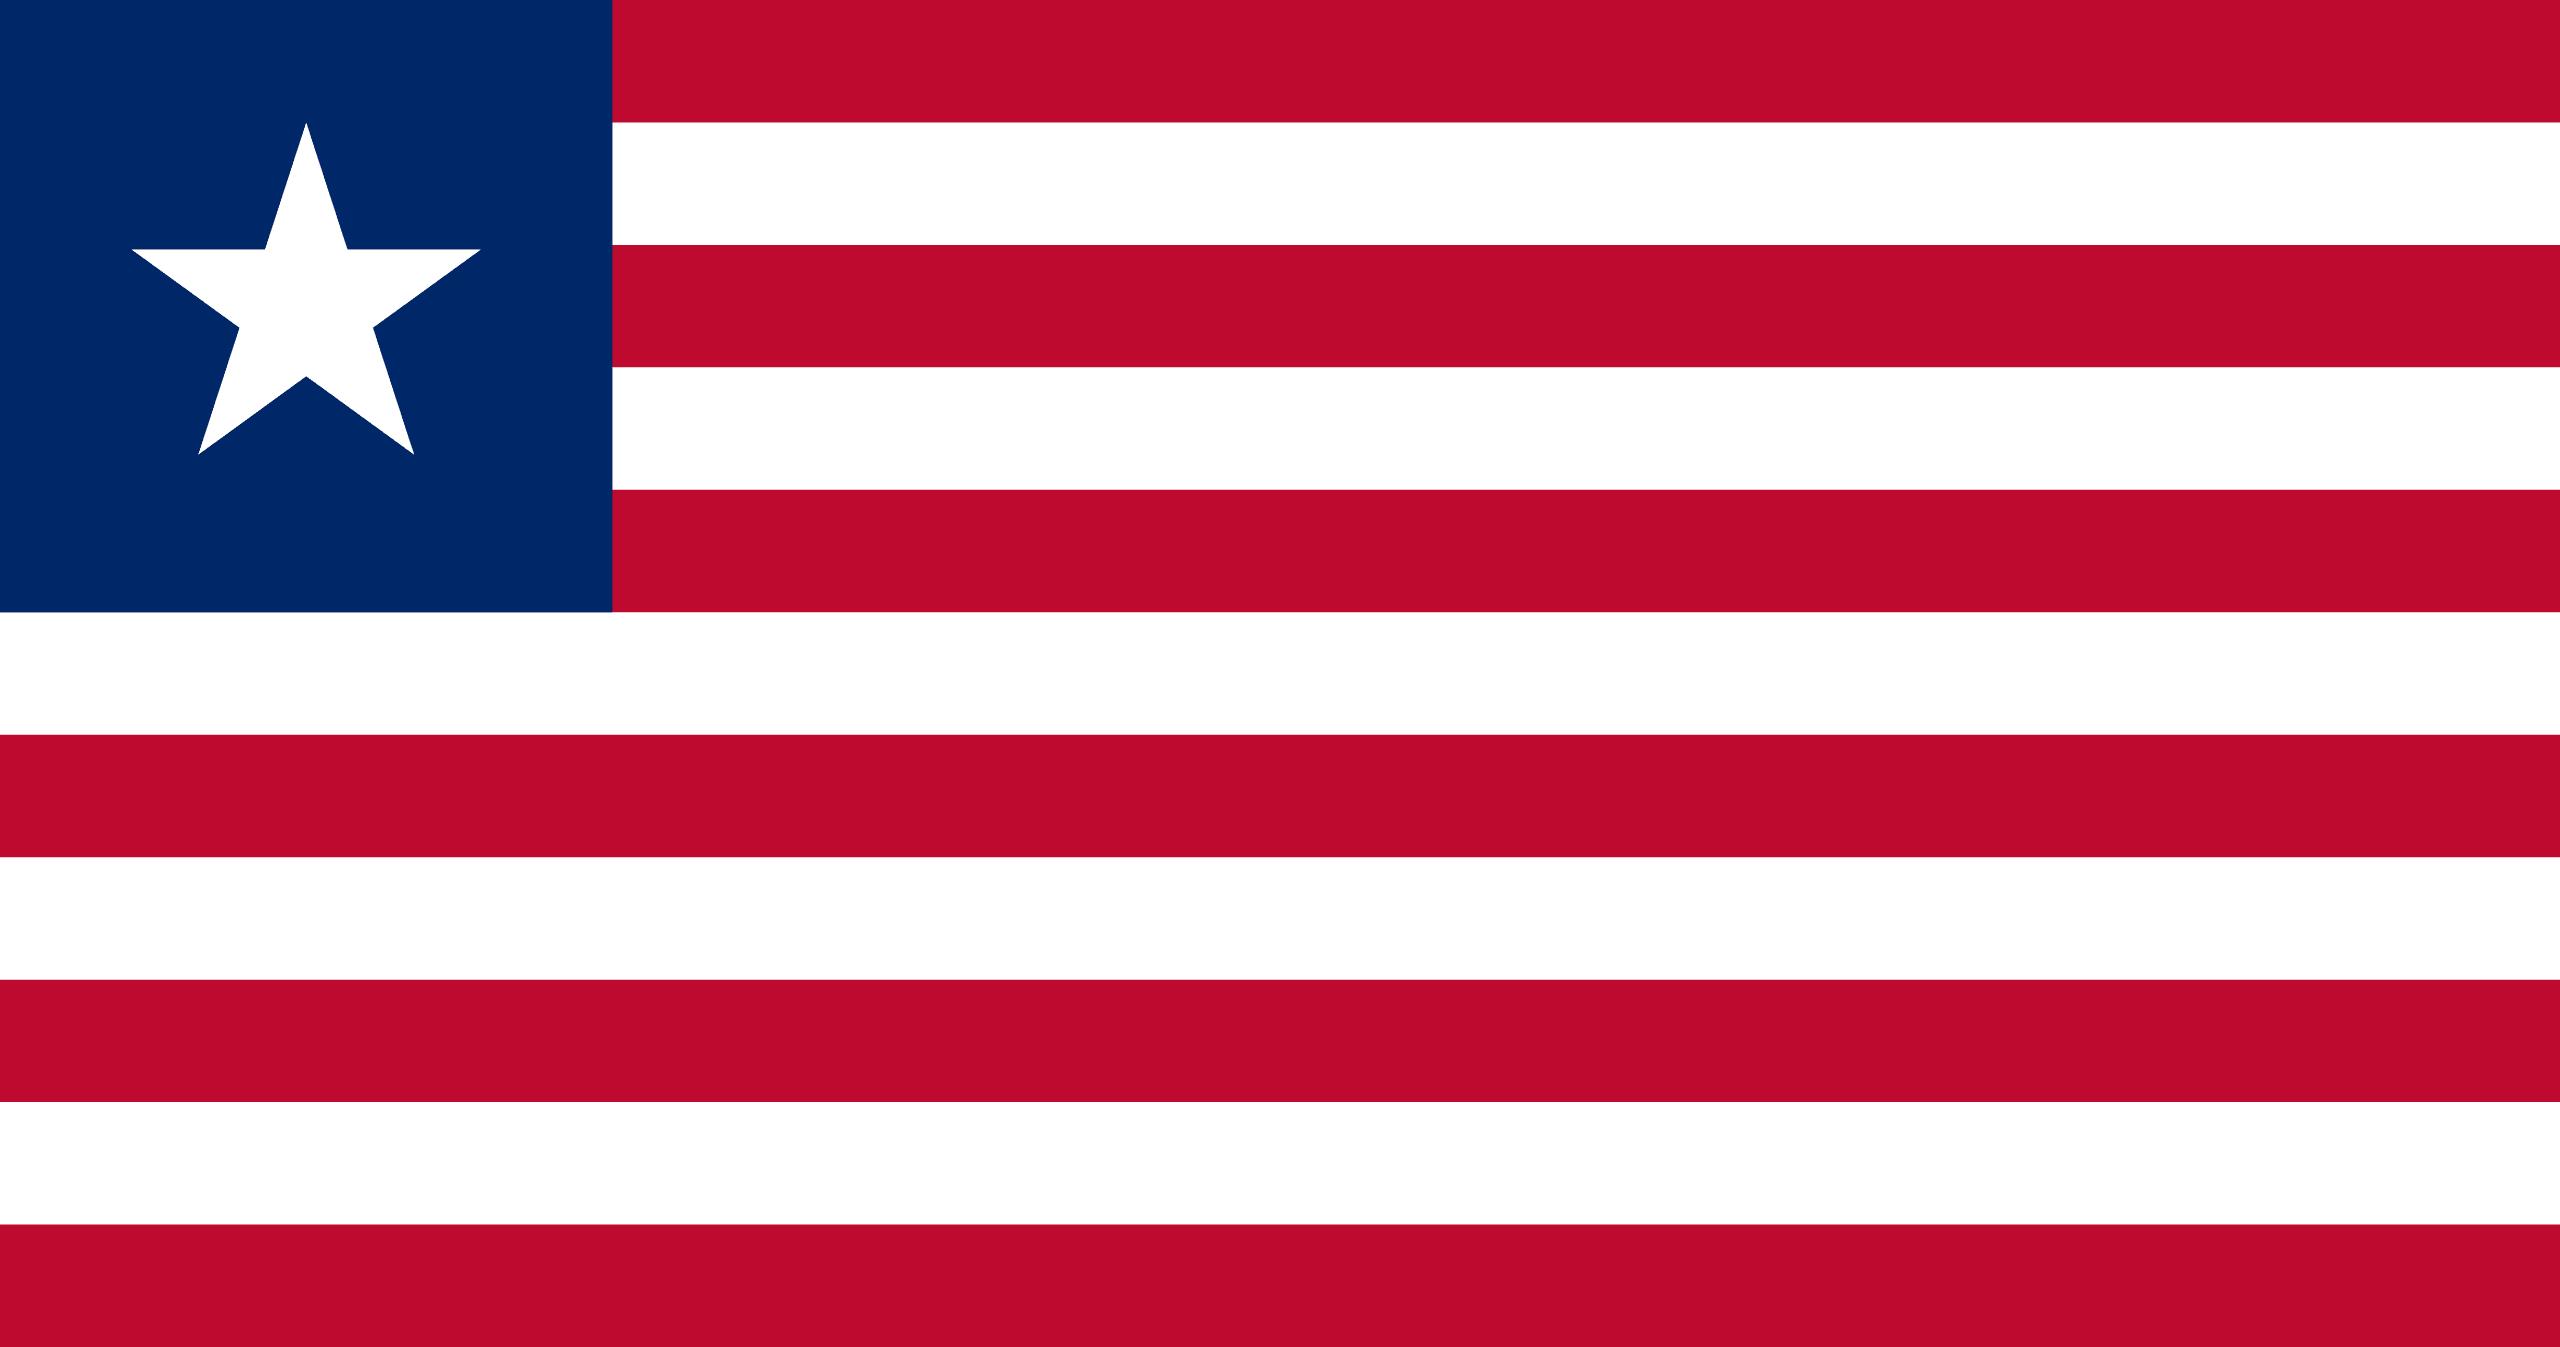 Liberya'nın Başkenti ve Para Birimi Nedir? Liberya'nın Bayrağı Nasıldır?